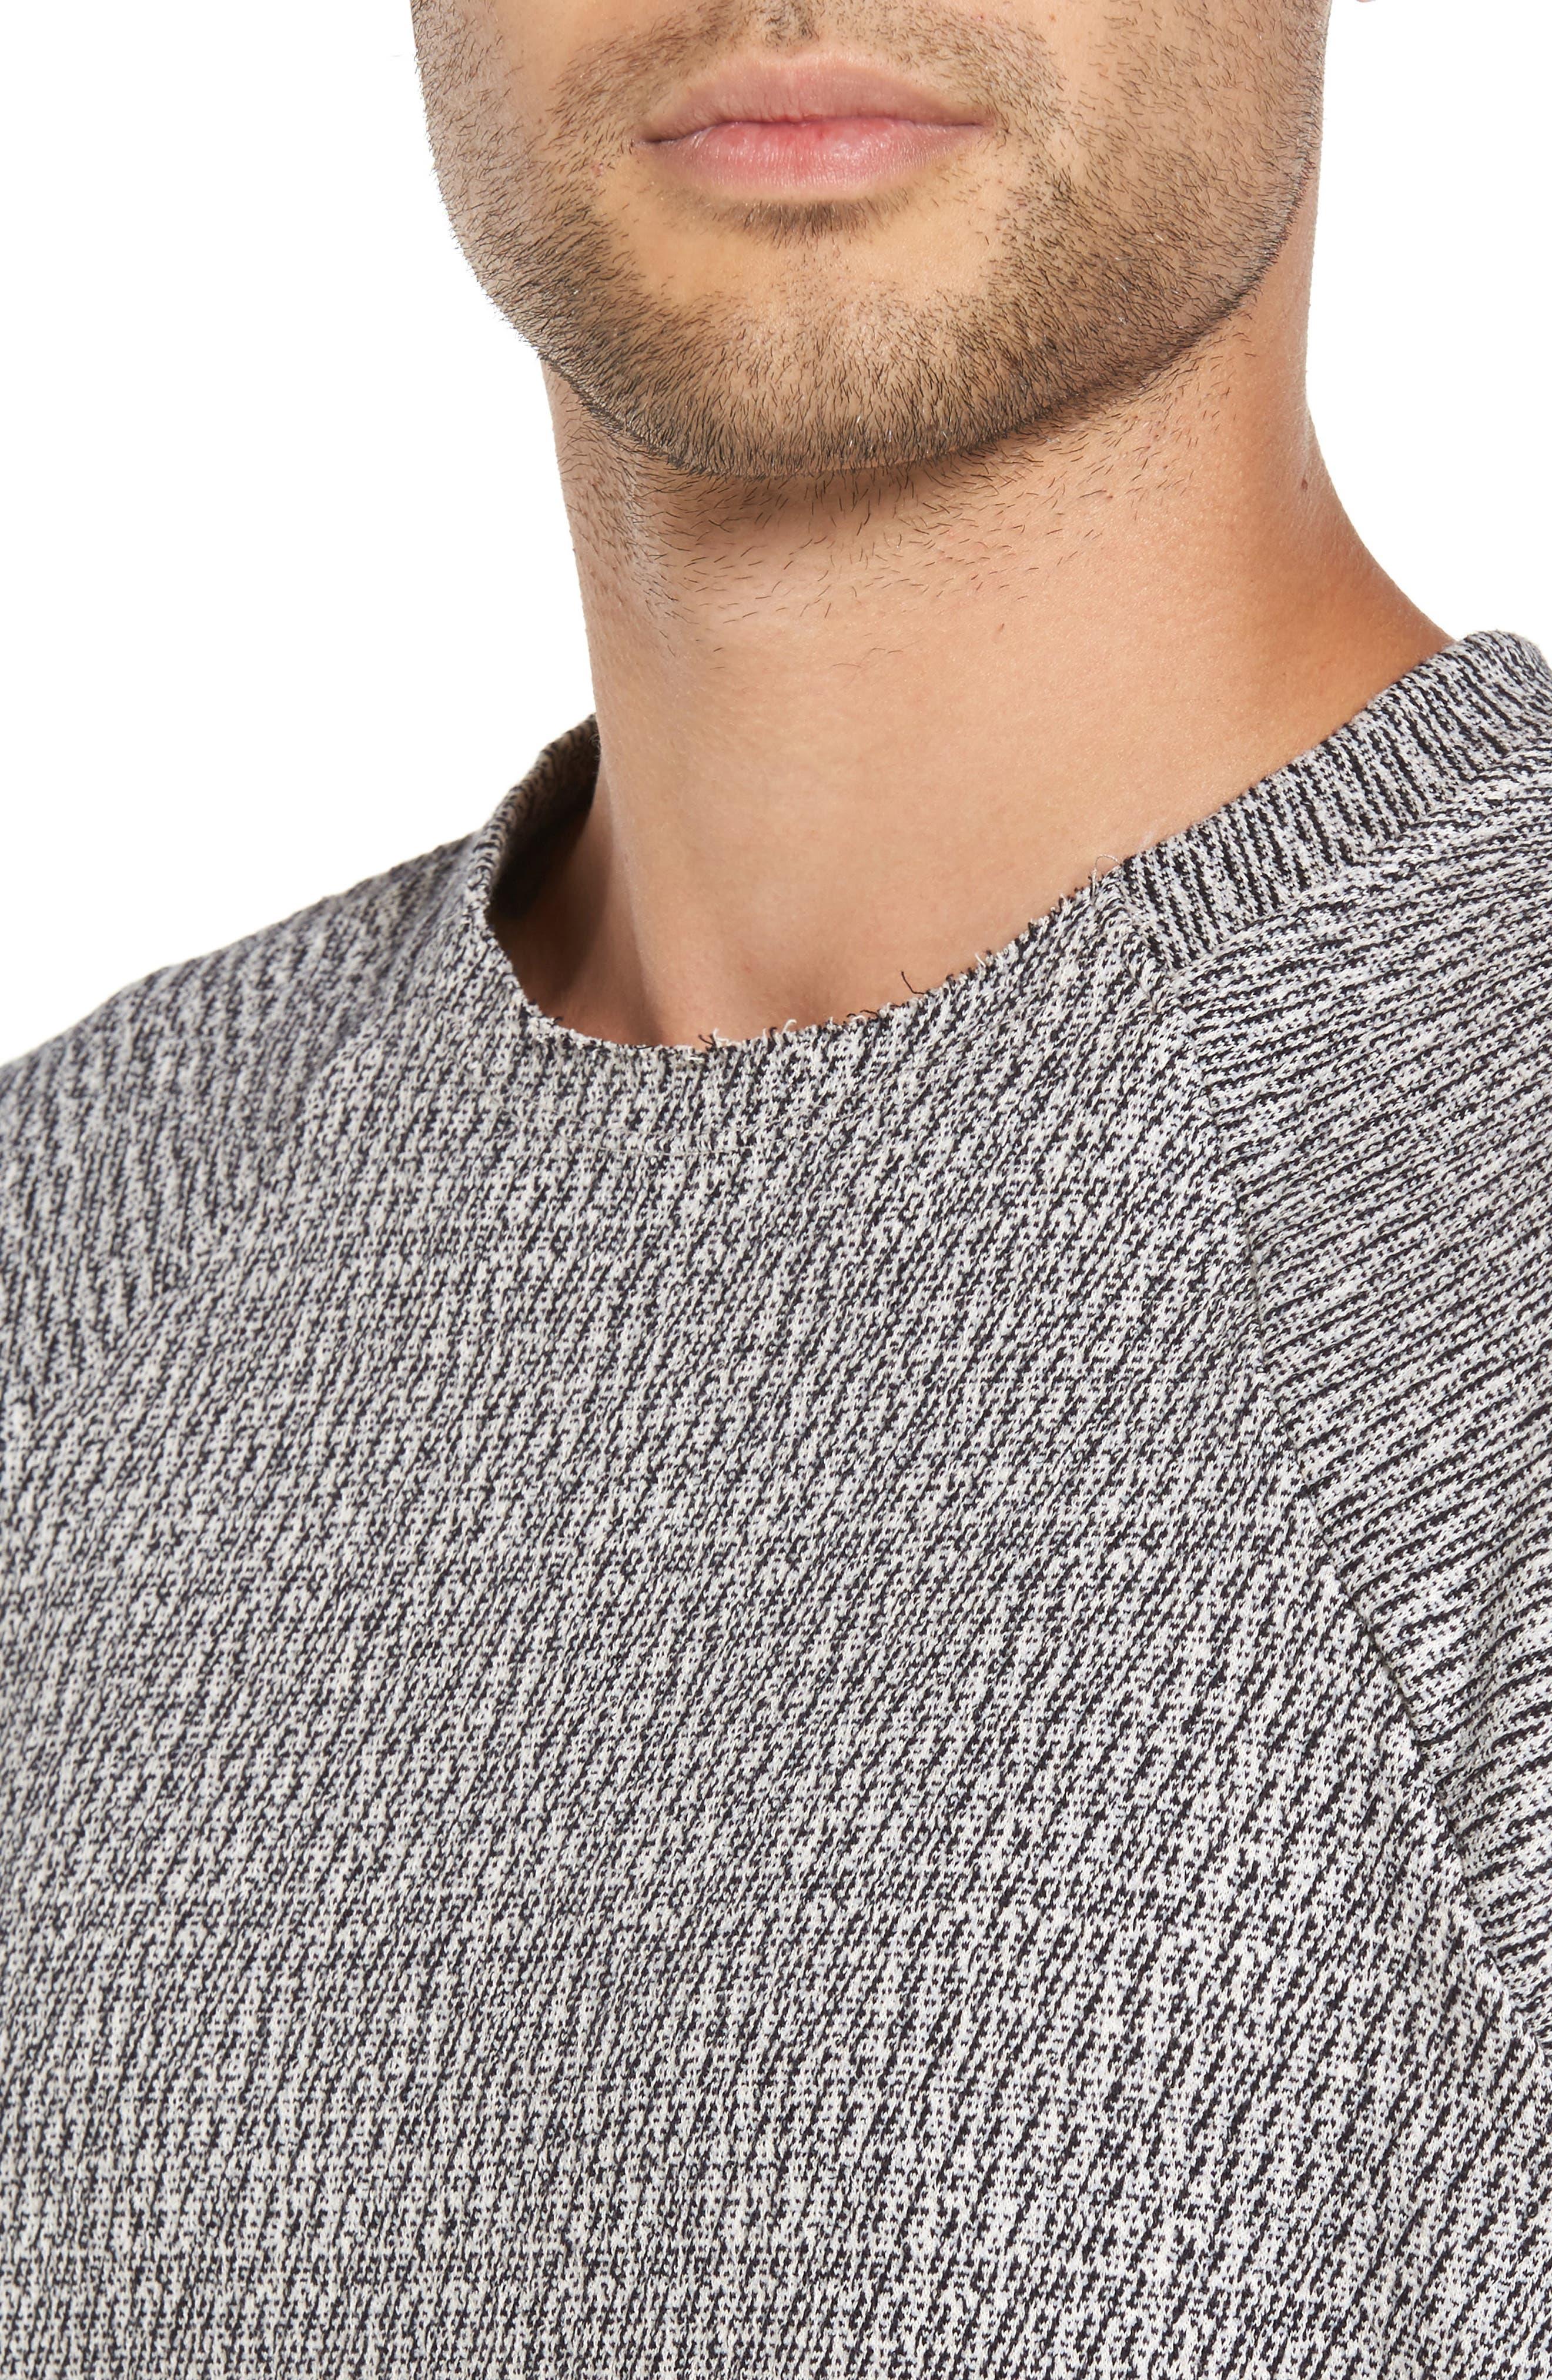 Double Layer Crewneck Sweater,                             Alternate thumbnail 4, color,                             Scour